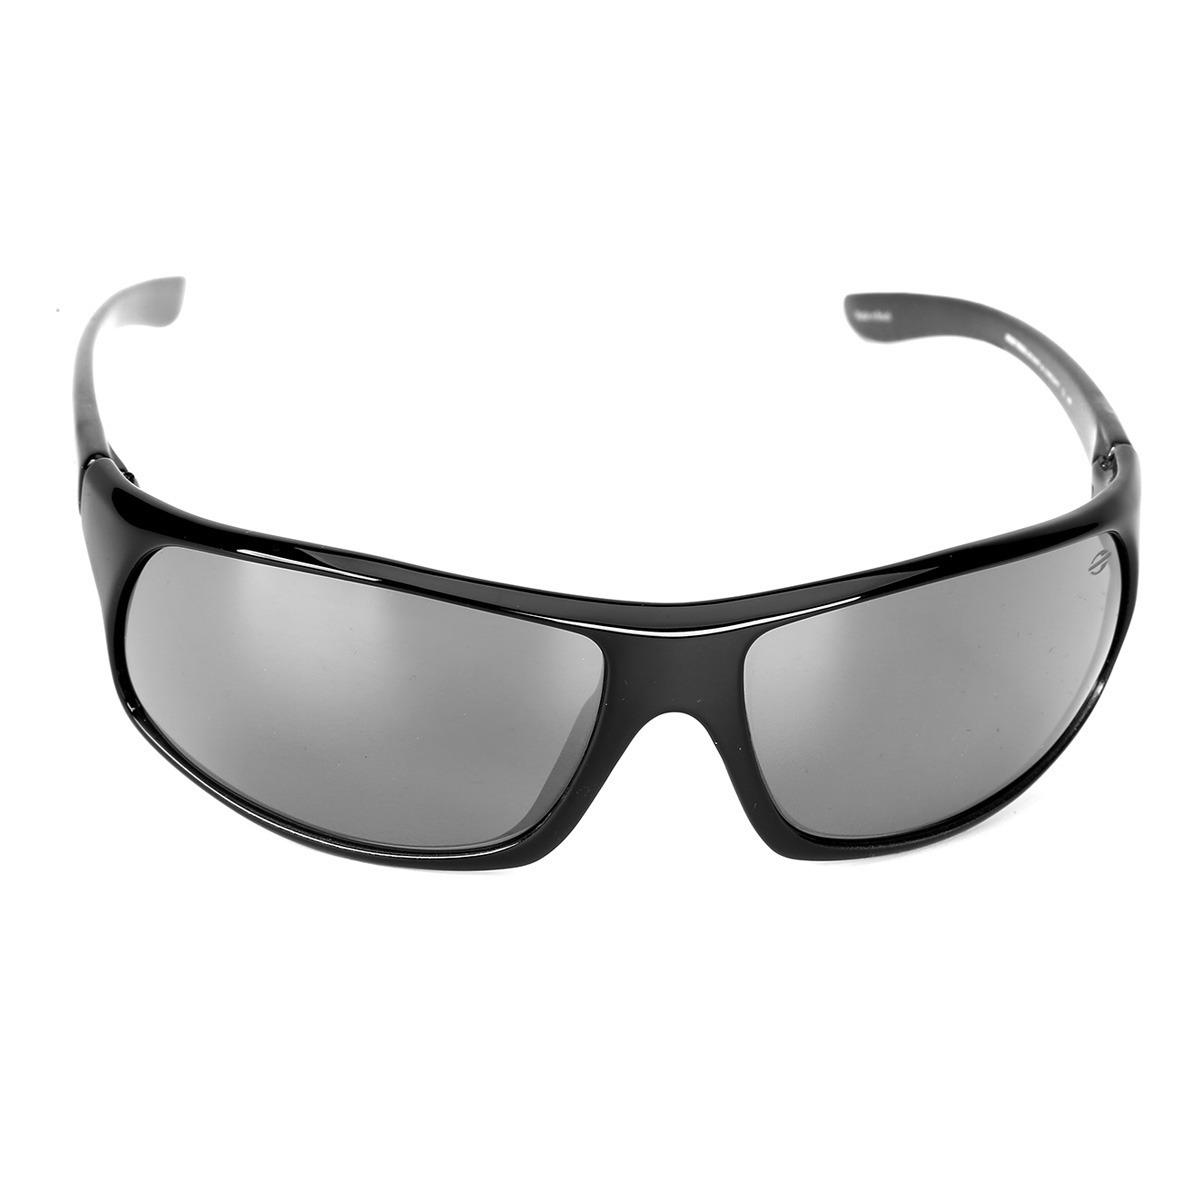 0a91415db7660 Óculos De Sol Mormaii El Cabo Preto Brilho Lente Cinza Show - R  179 ...